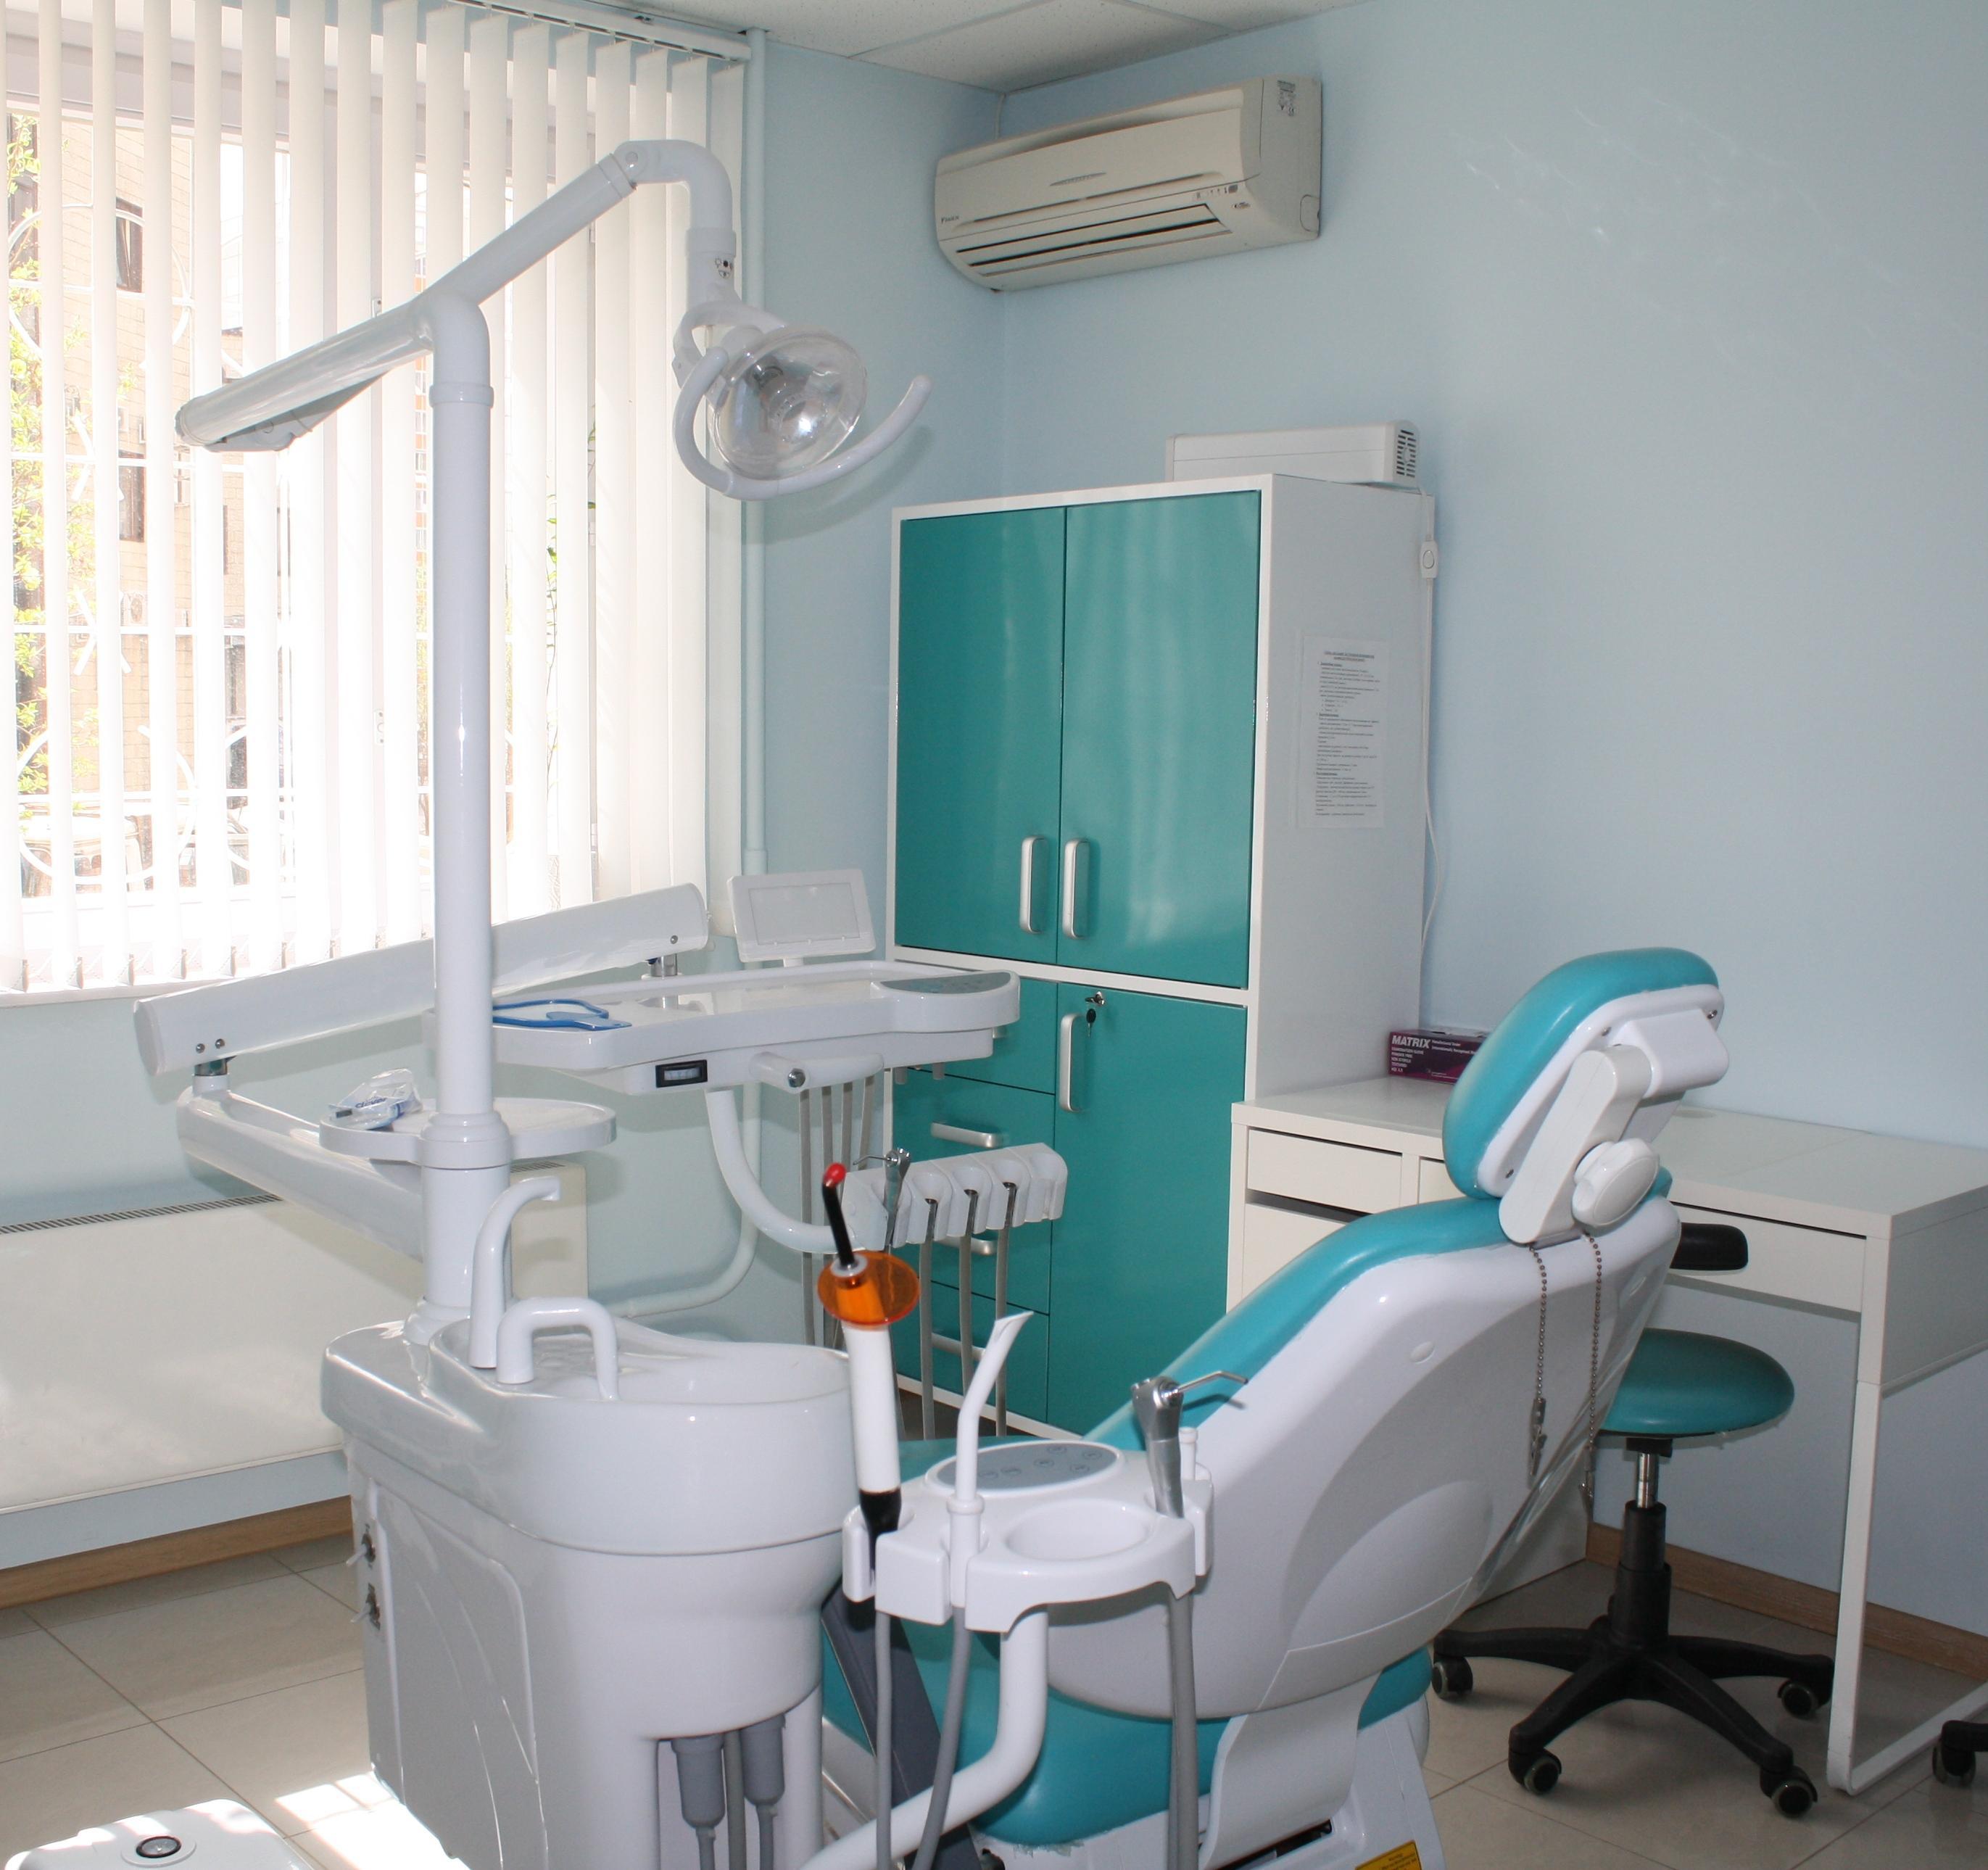 Фото в стоматологическом кабинете настоящее